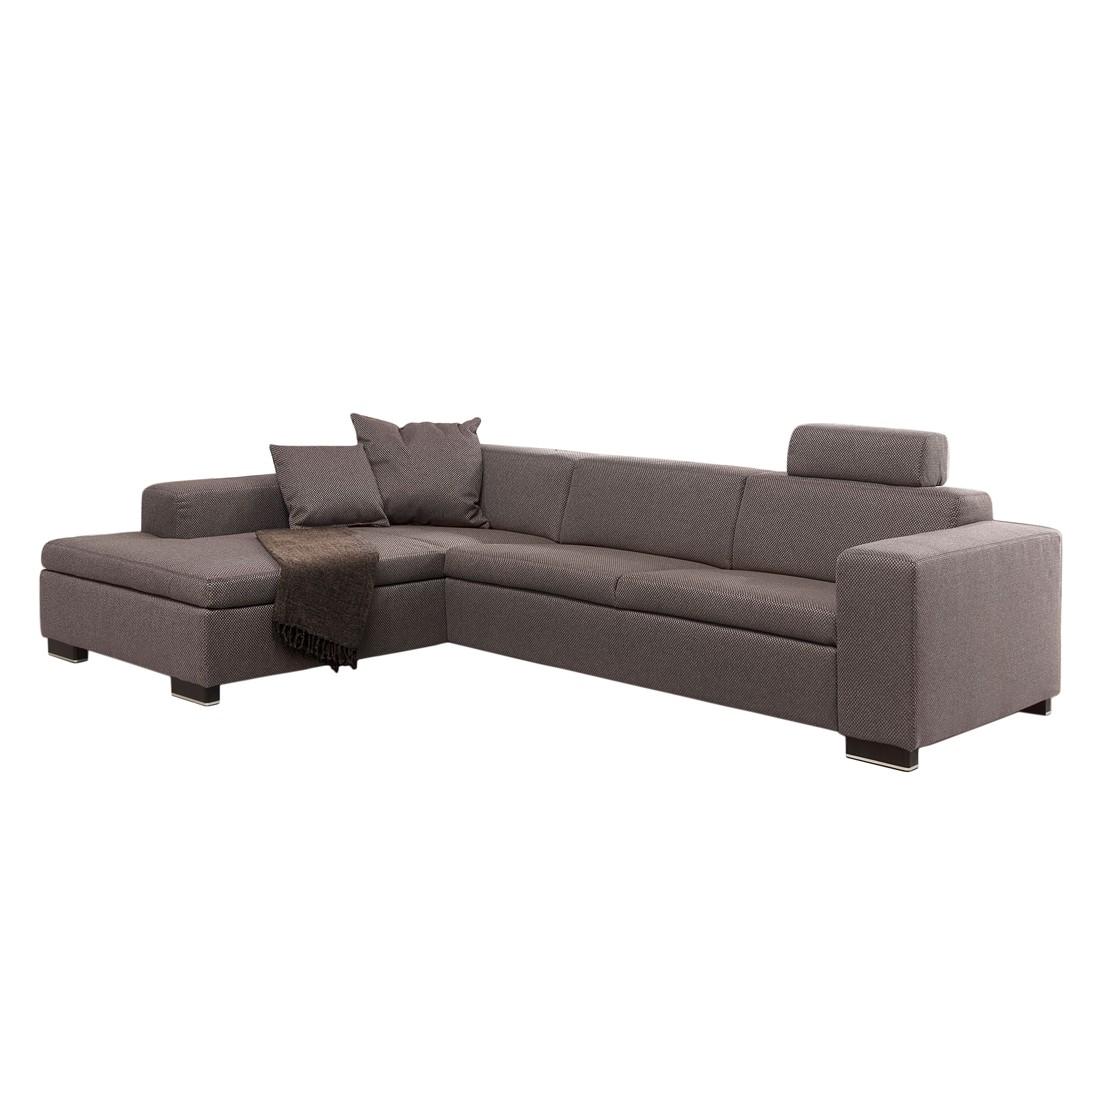 Ecksofa Roubaix – Webstoff Braun – Longchair davorstehend rechts – mit Vorziehbank, Home Design kaufen